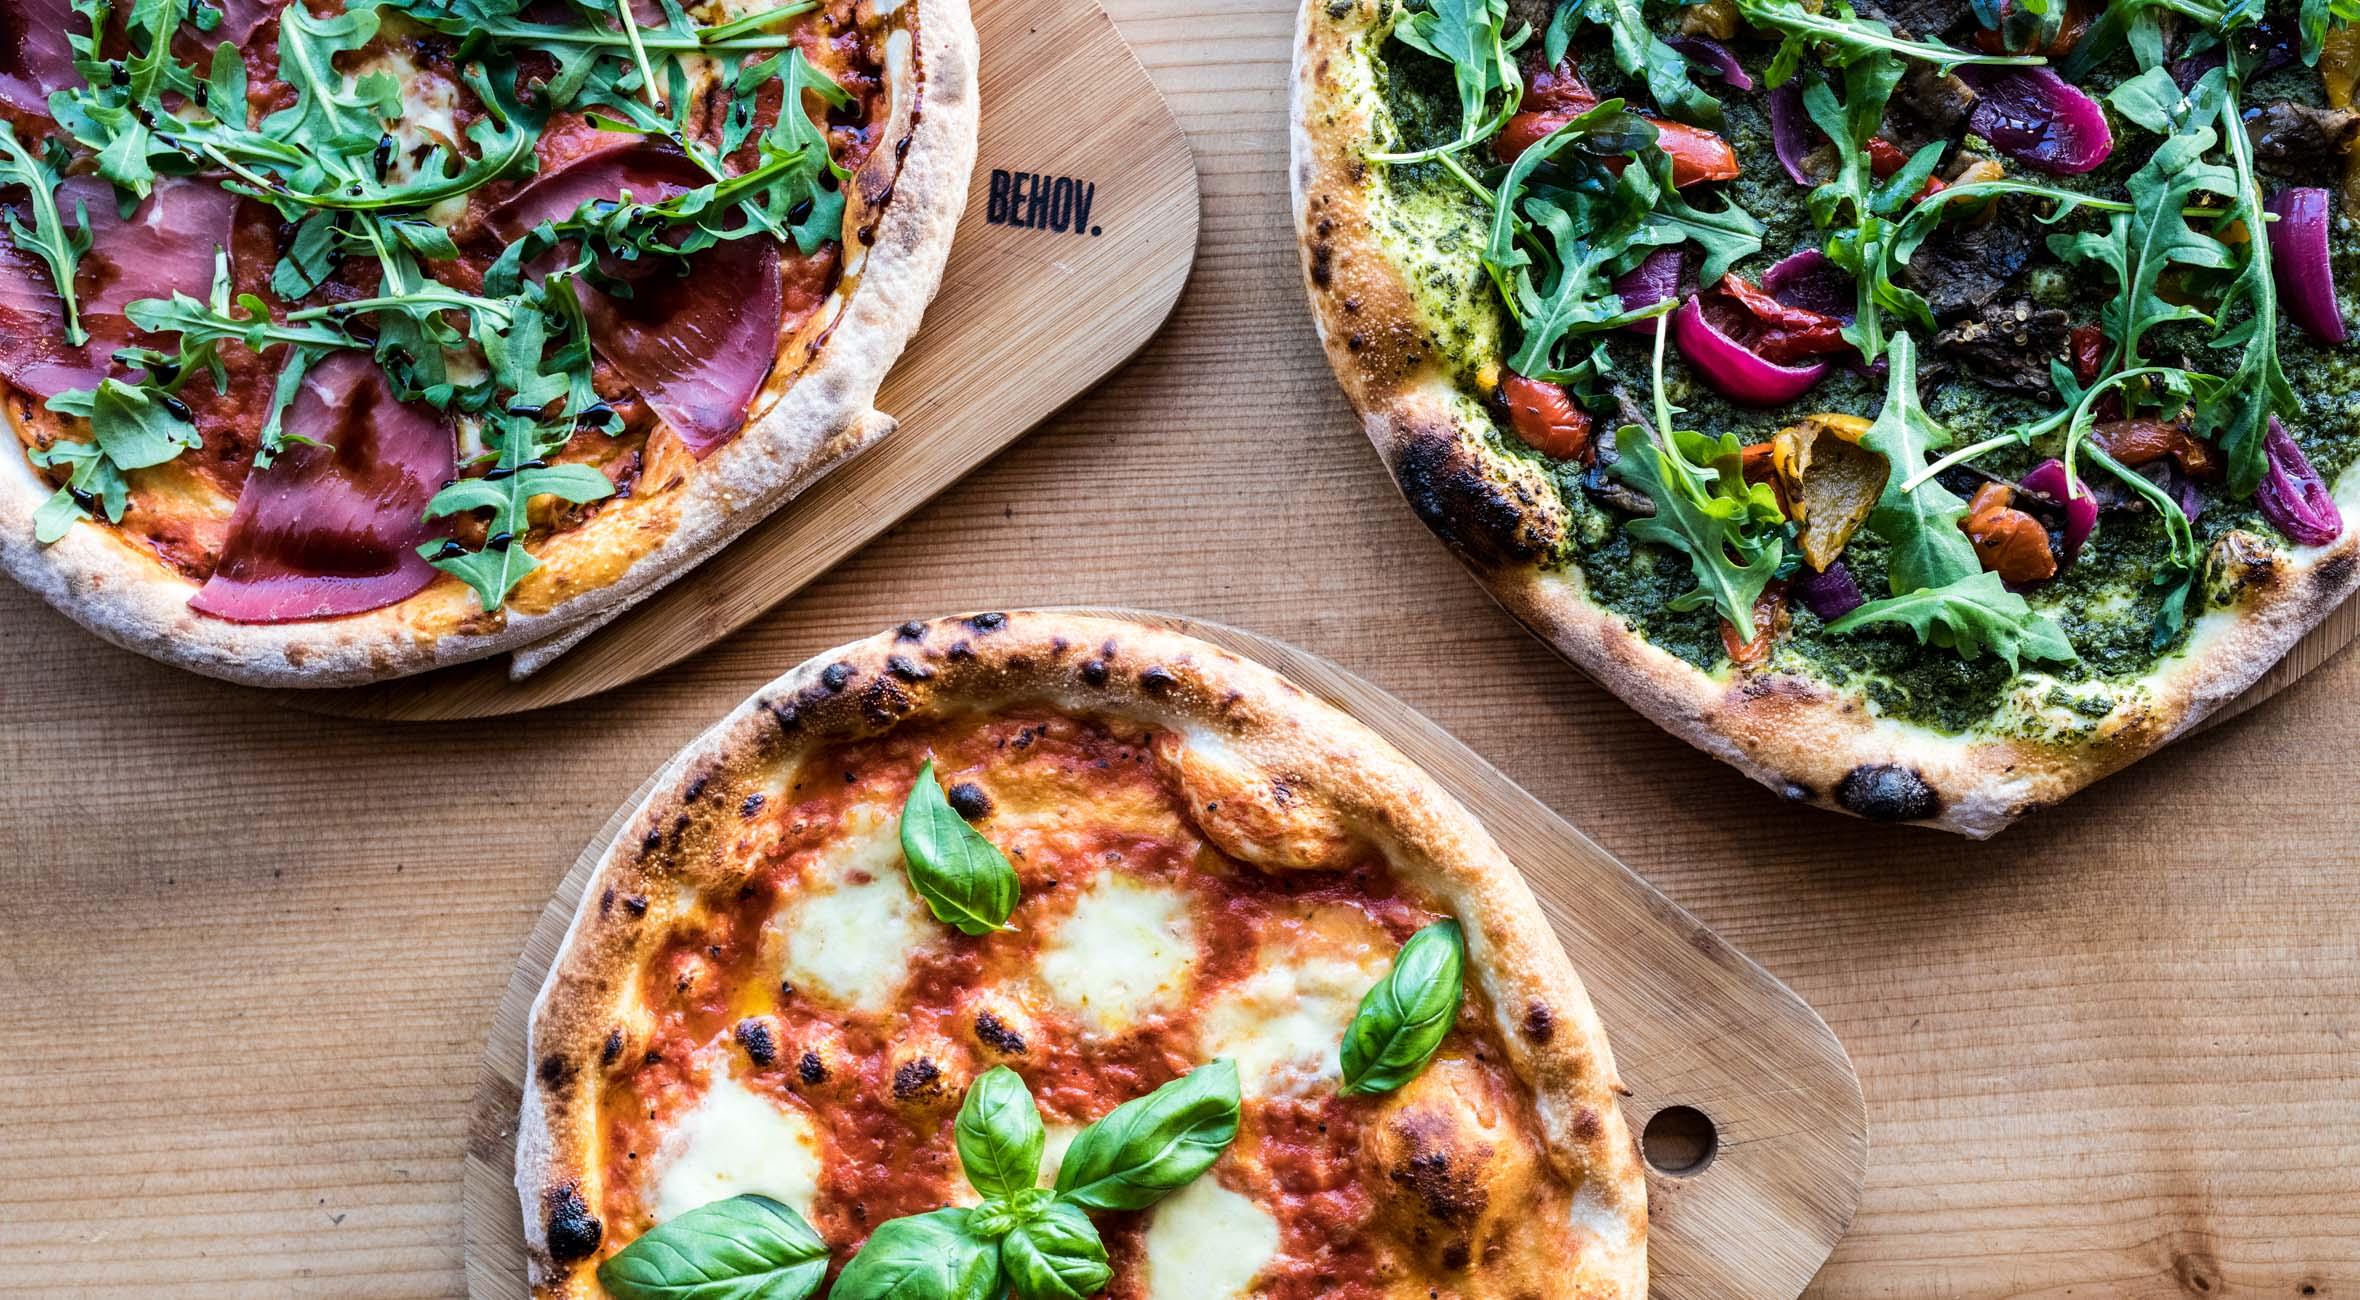 2 valgfrie pizzaer hos Behov – Hip pizzabar udvider til Vesterbro og fremhæves af 'den alternative Michelin-guide'